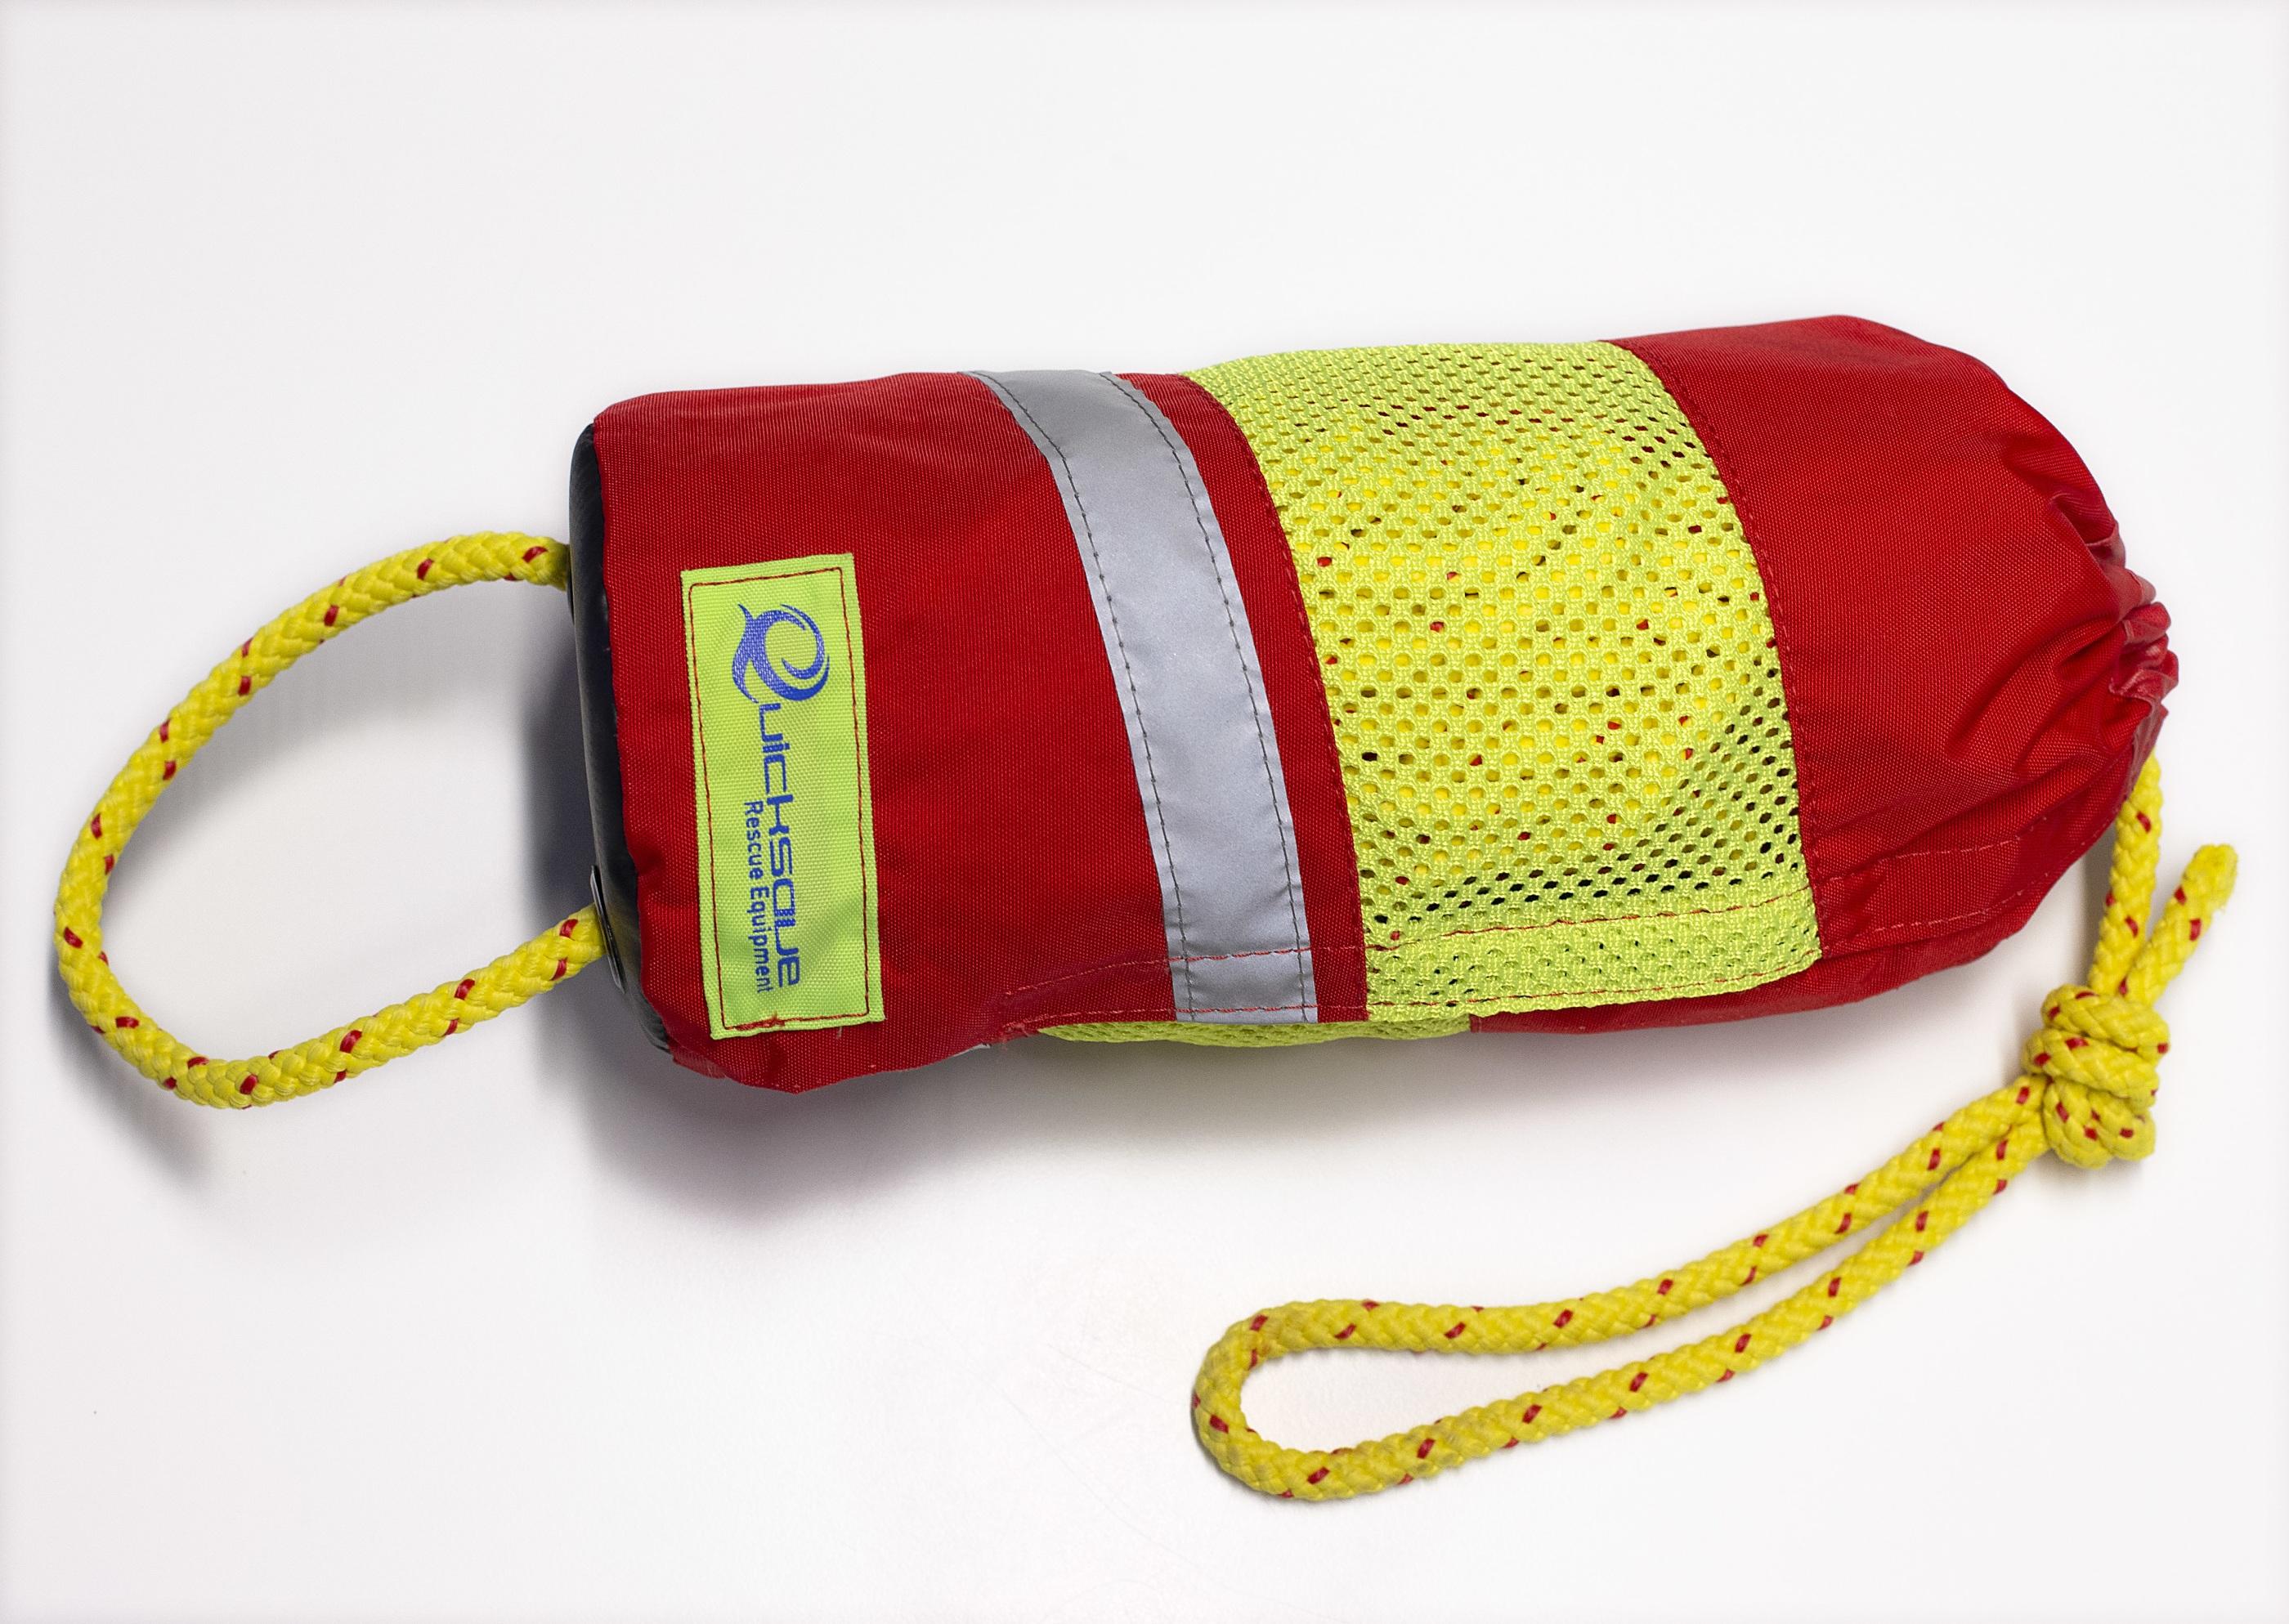 QS Safeline